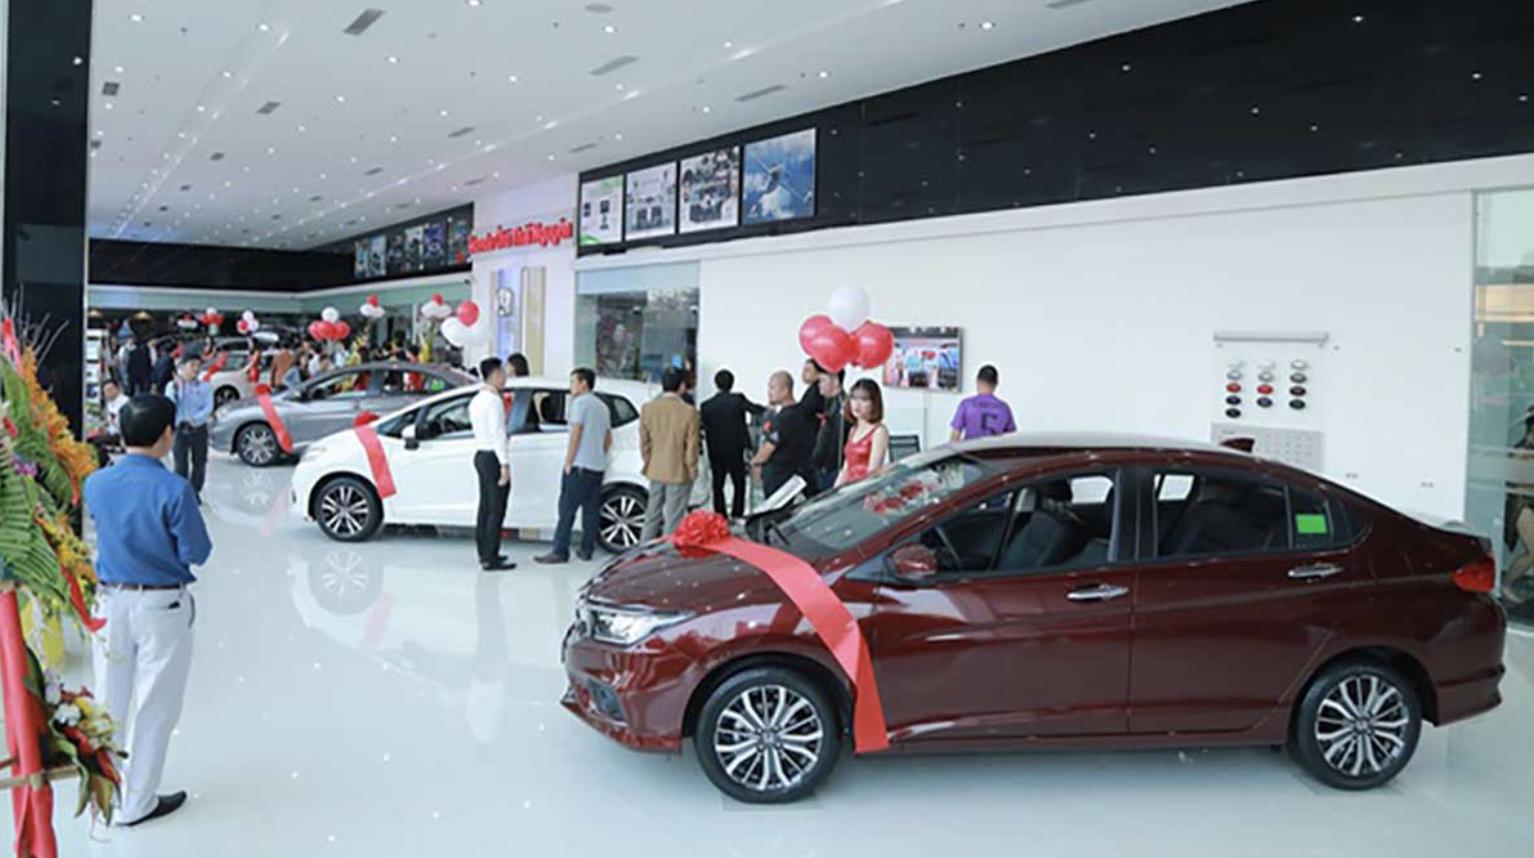 Mua ô tô trả góp, những điều nên biết để có thể giảm thiểu chi phí mua xe - Hình 2